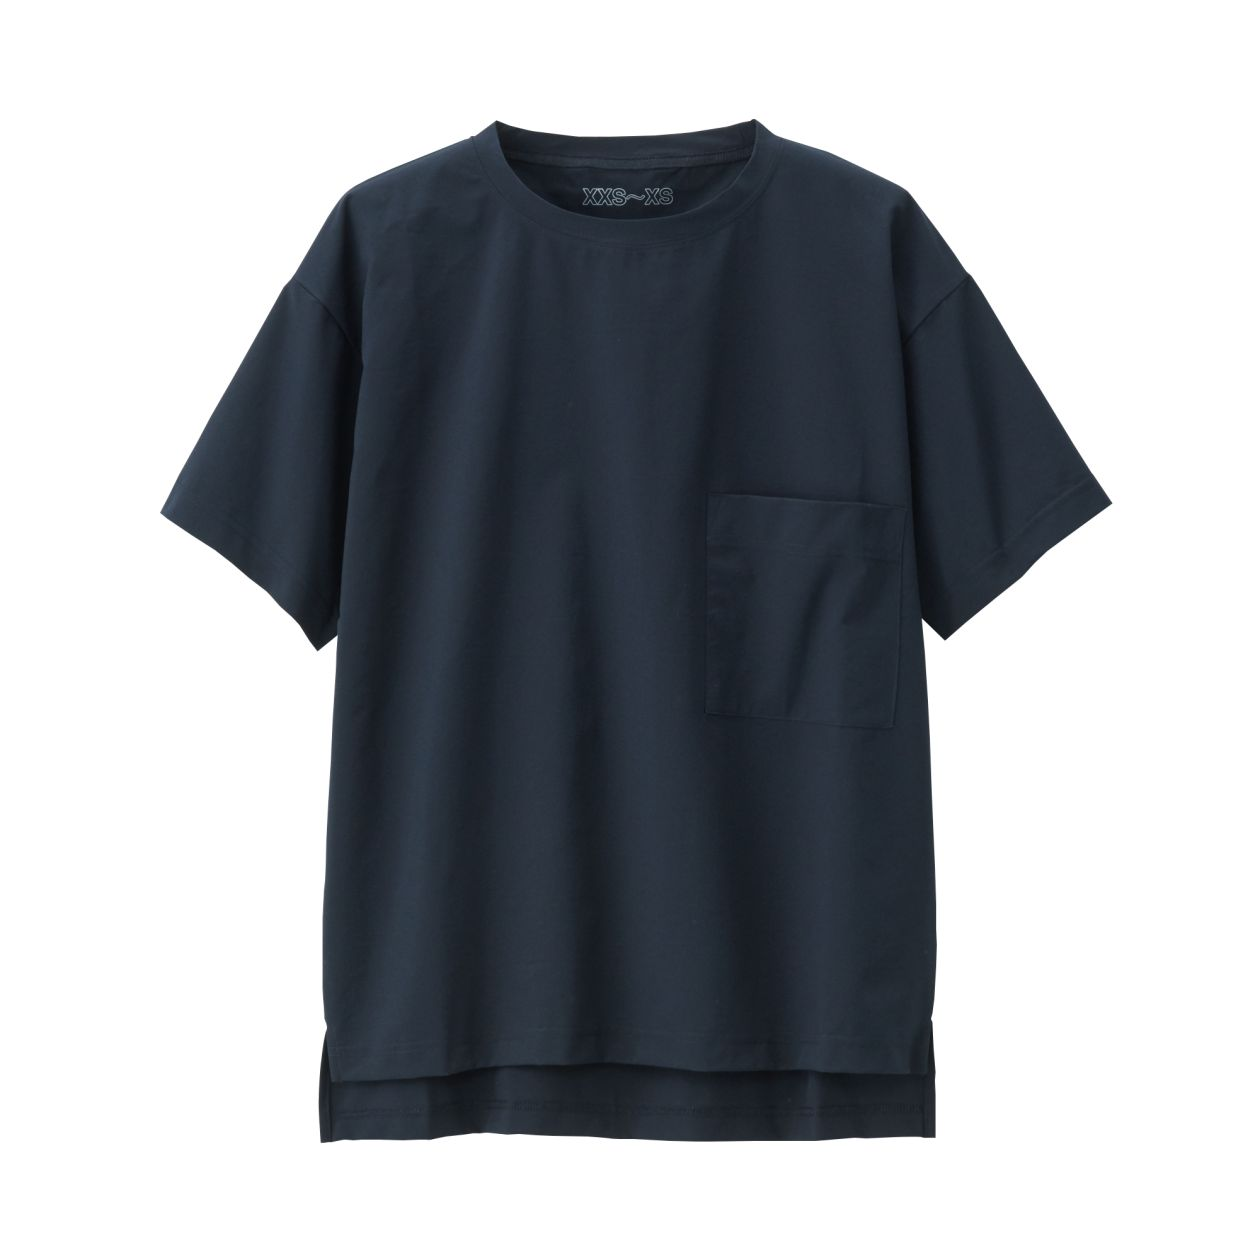 吸汗速乾縦横ストレッチTシャツ